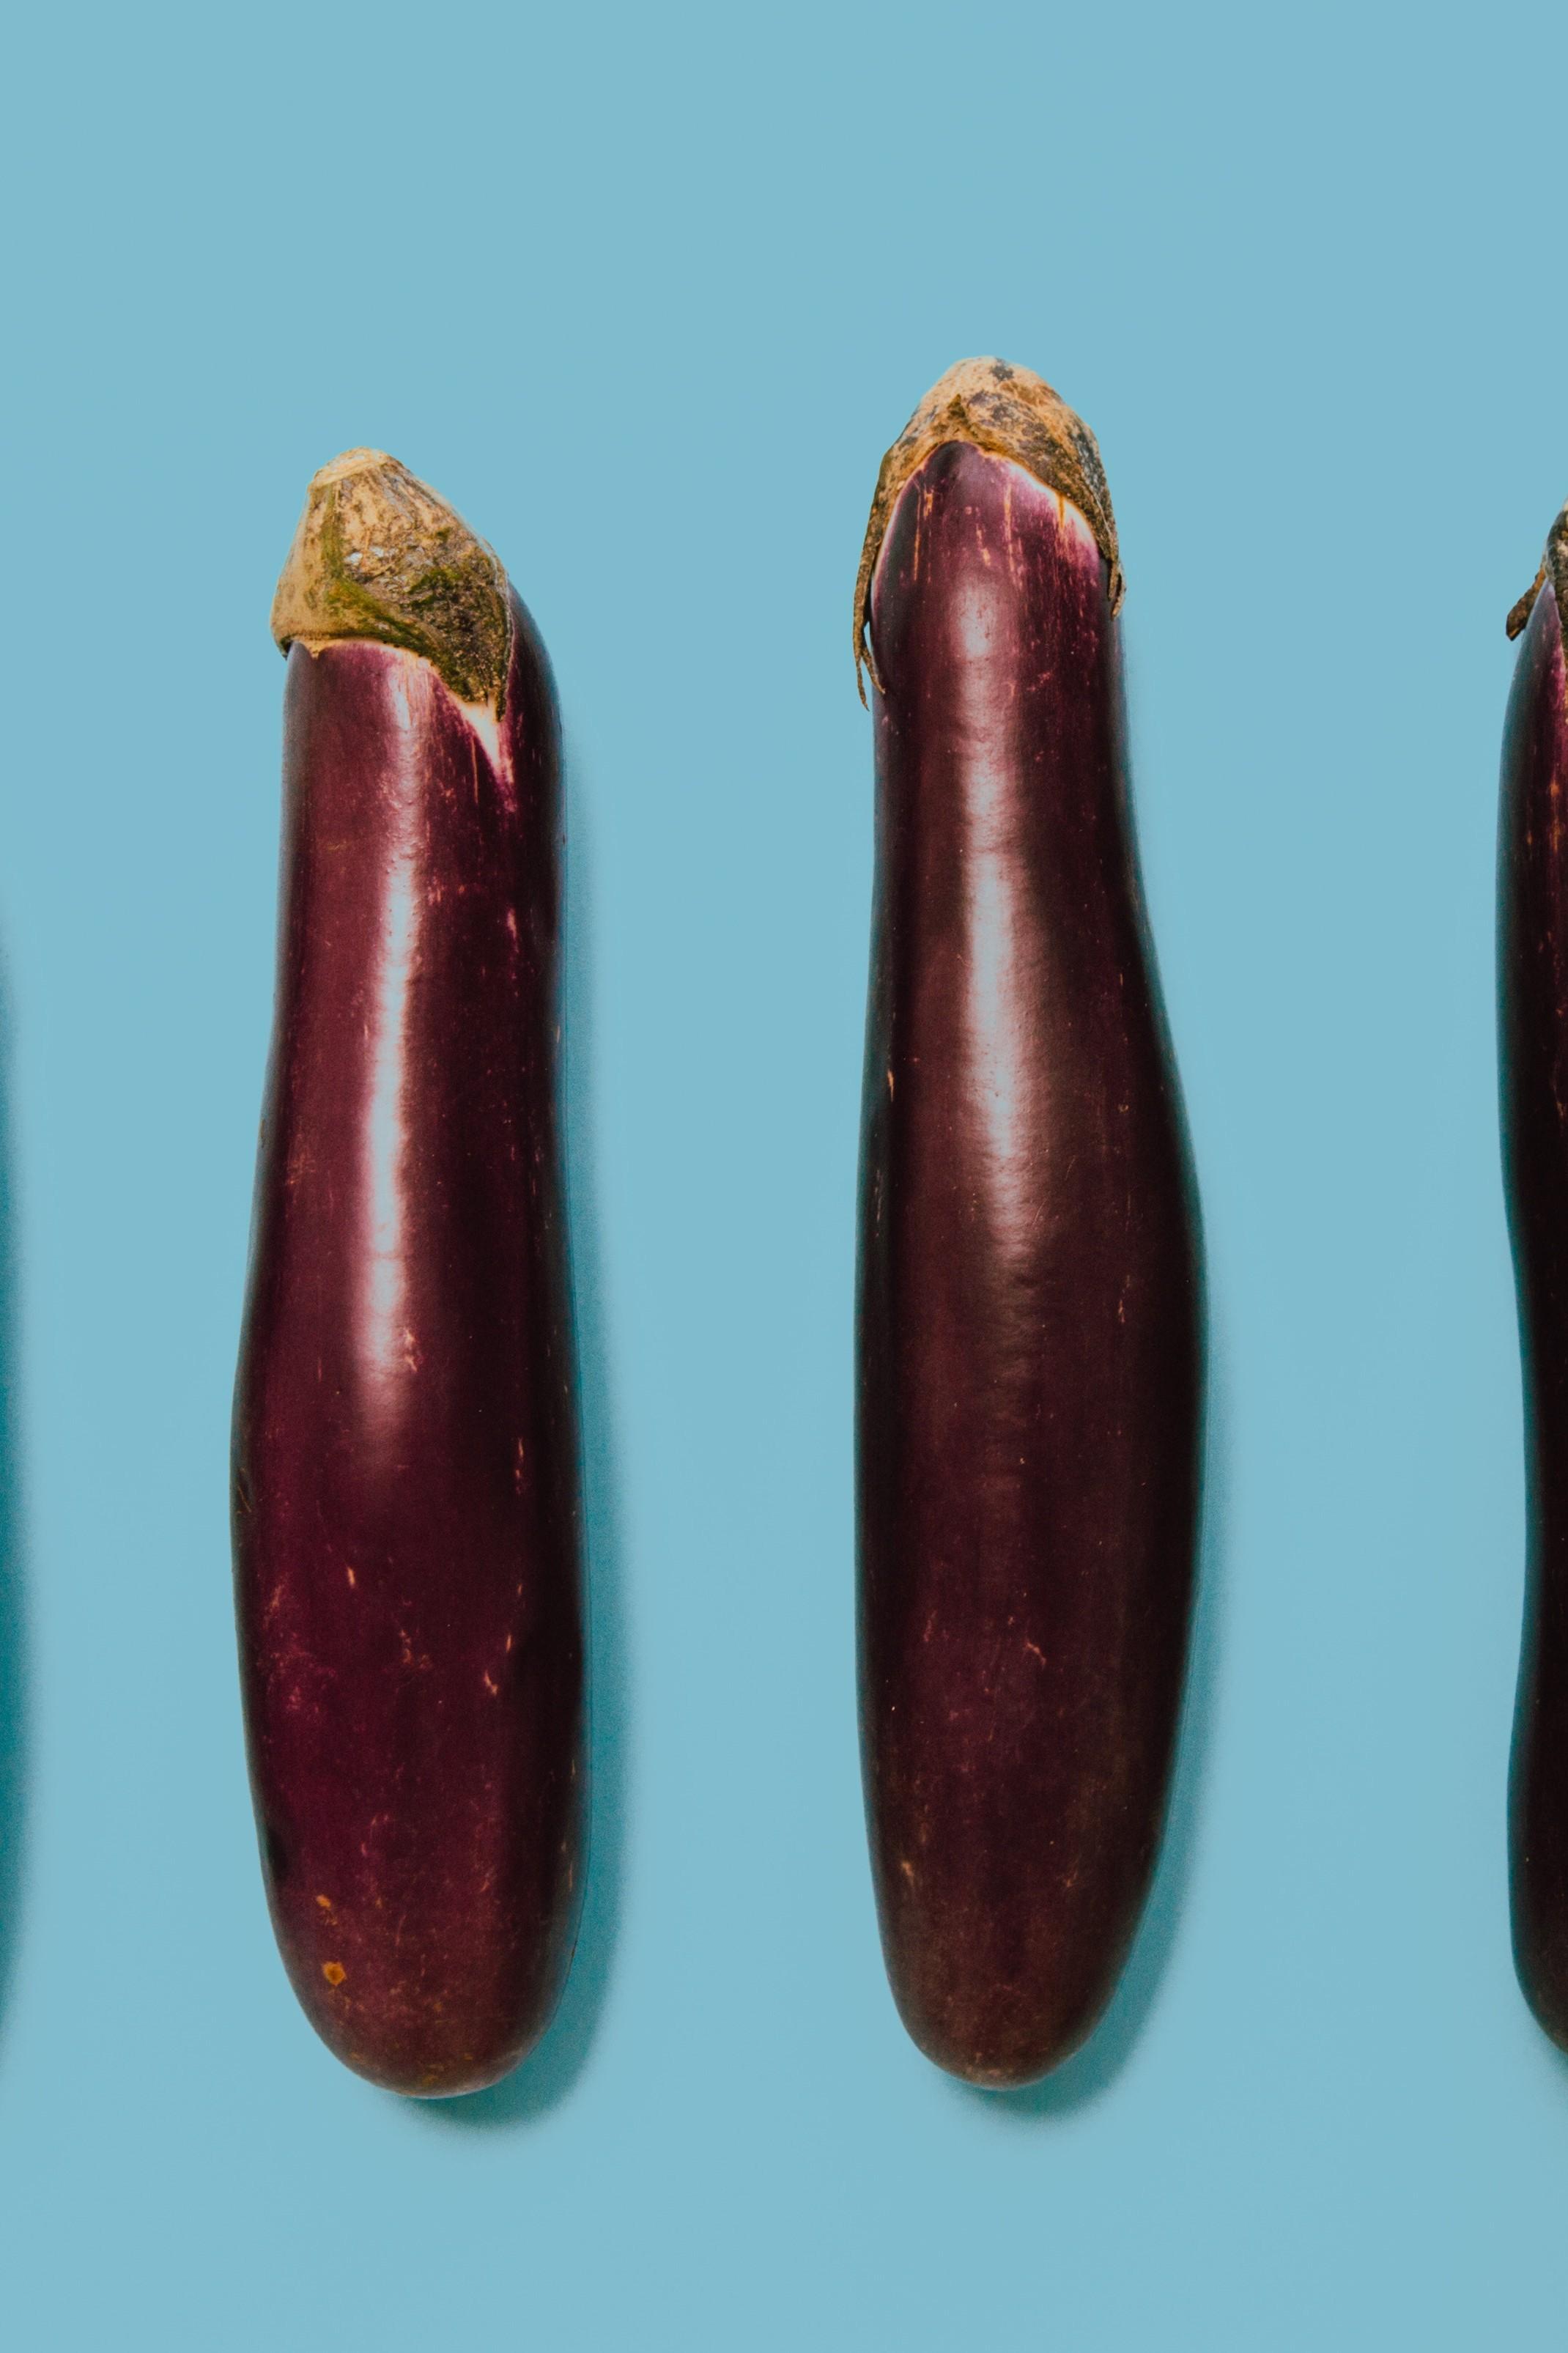 în timpul unei erecții, penisul se îndoaie ce ar fi o erecție bună